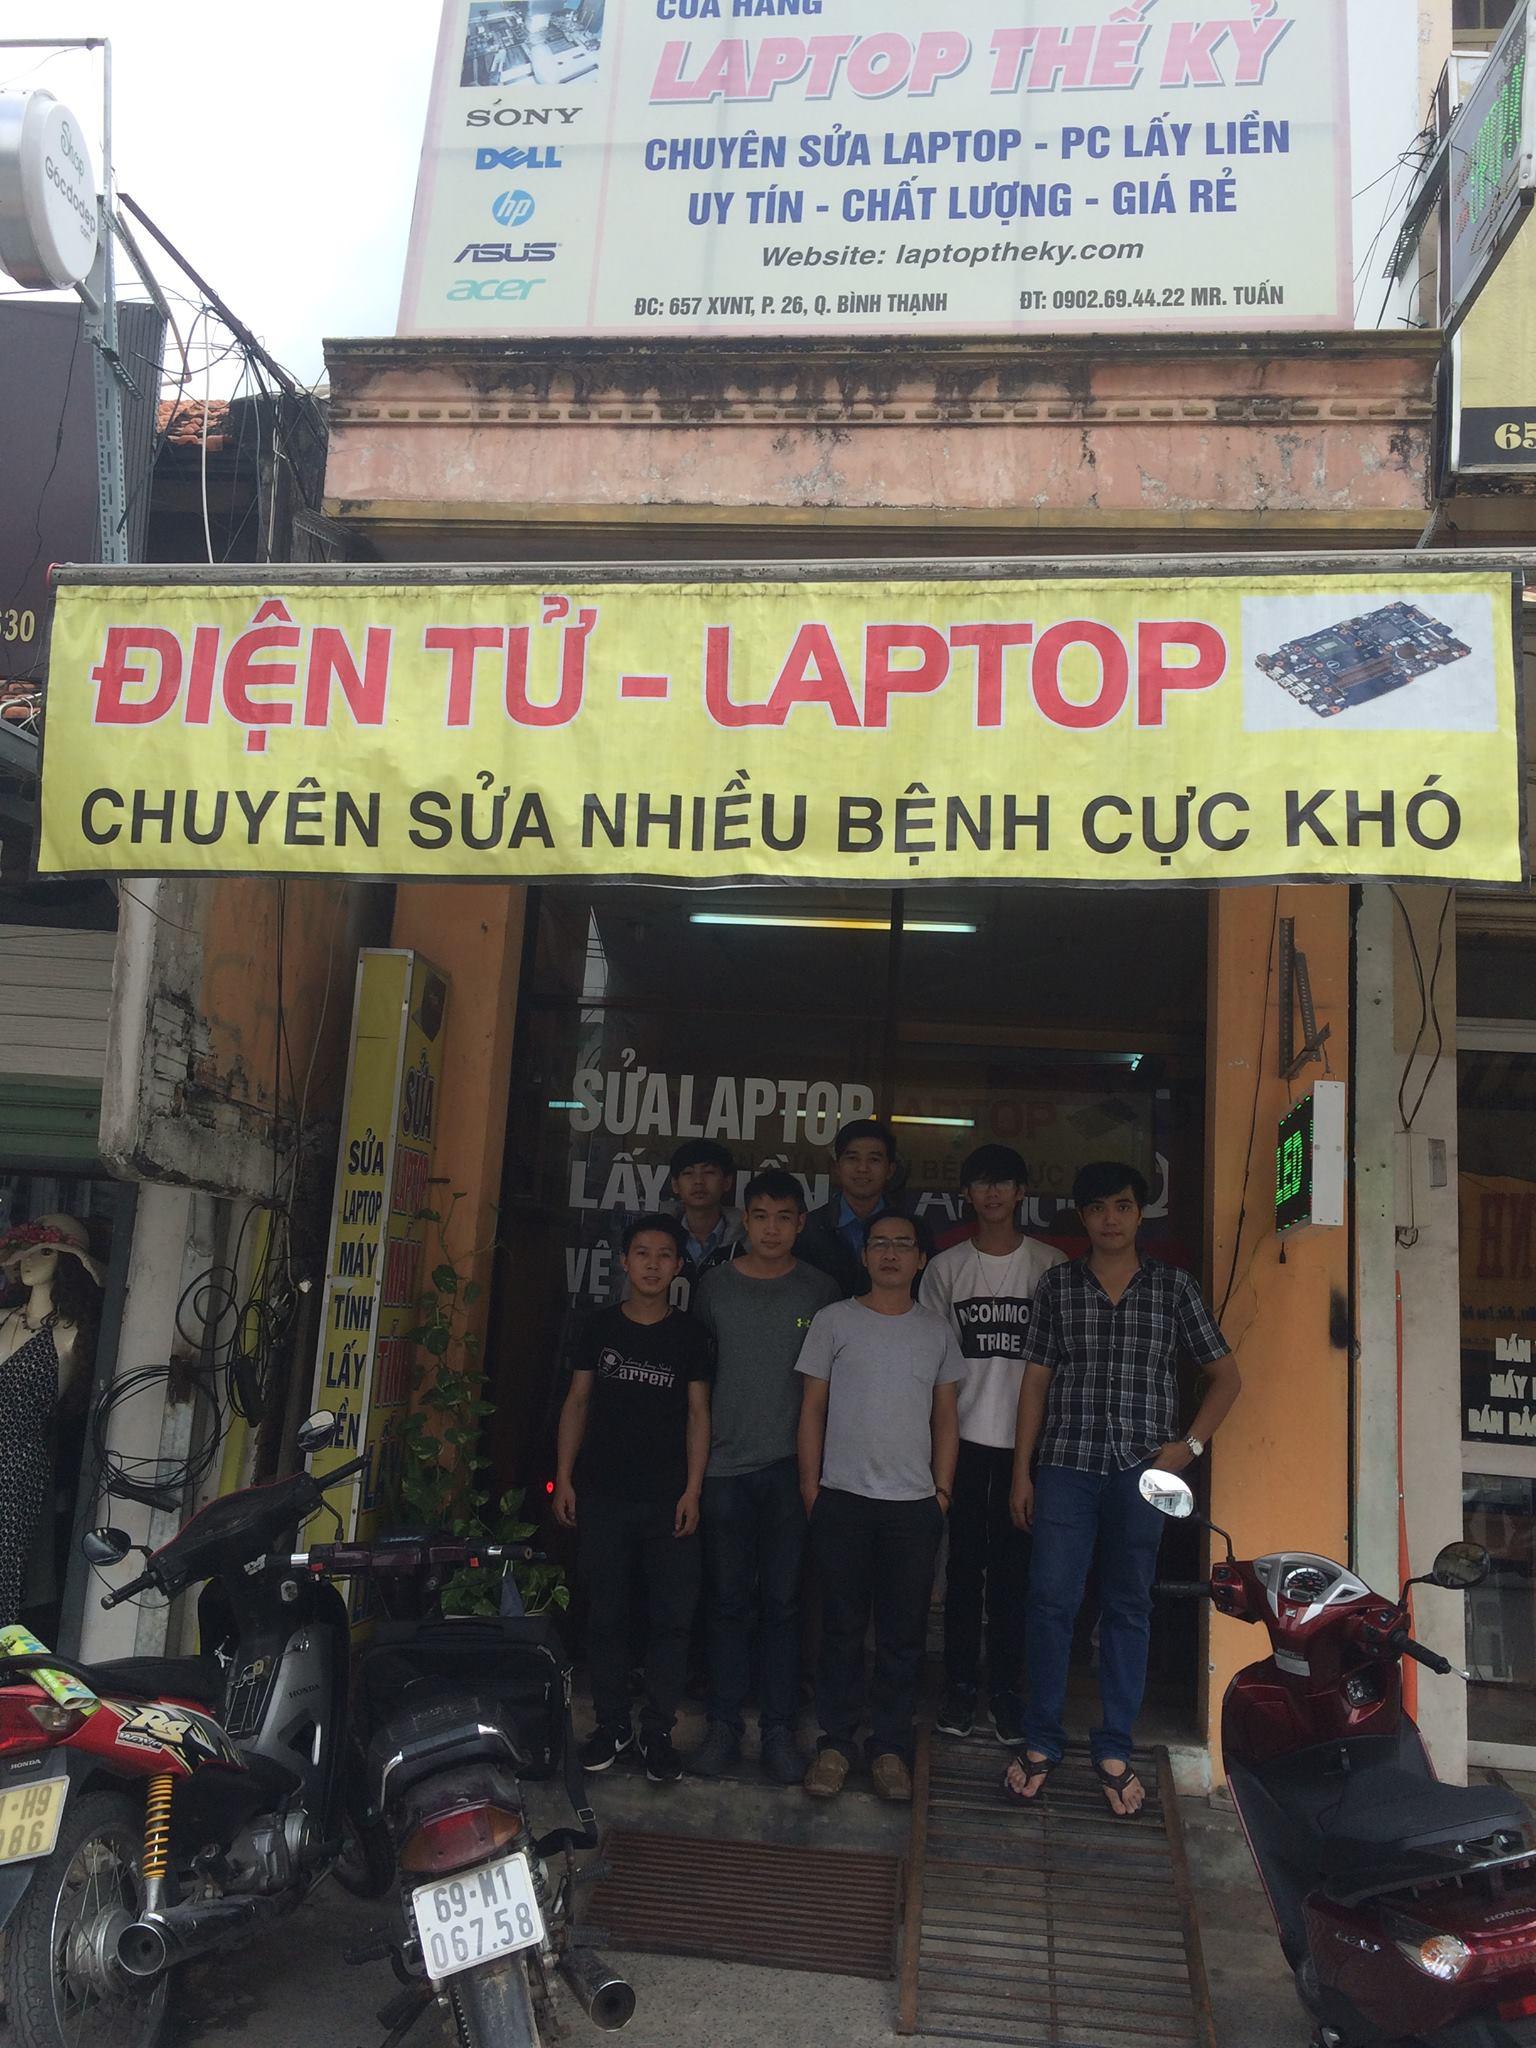 hoc sua laptop